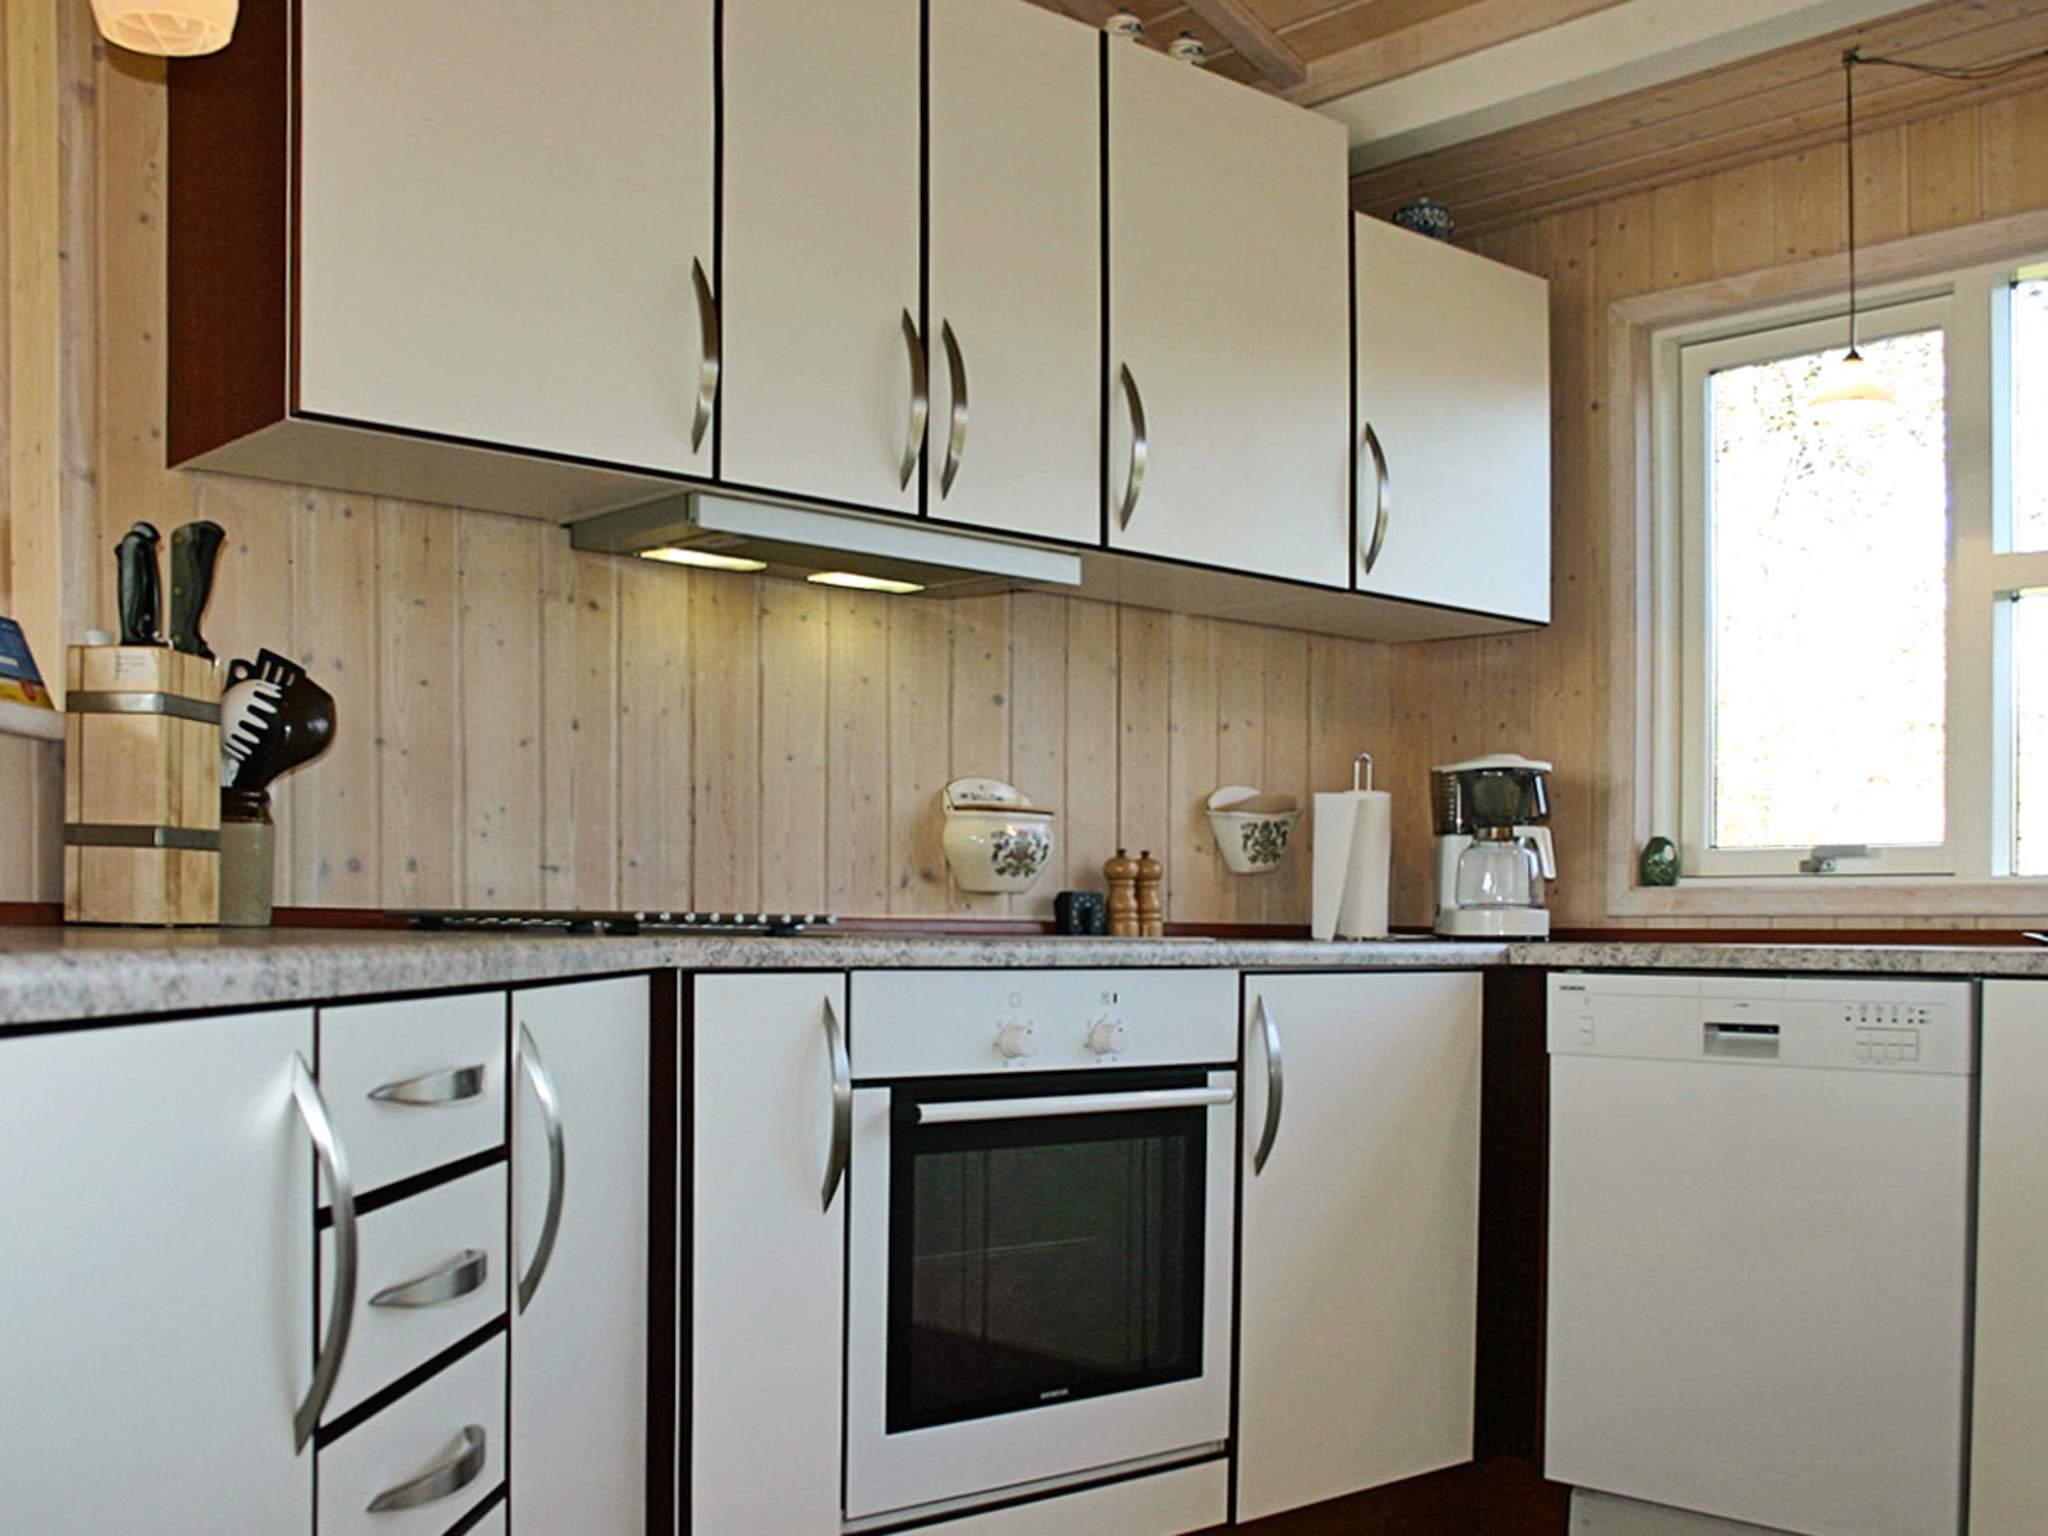 Ferienhaus Udsholt Strand (124746), Udsholt, , Nordseeland, Dänemark, Bild 8